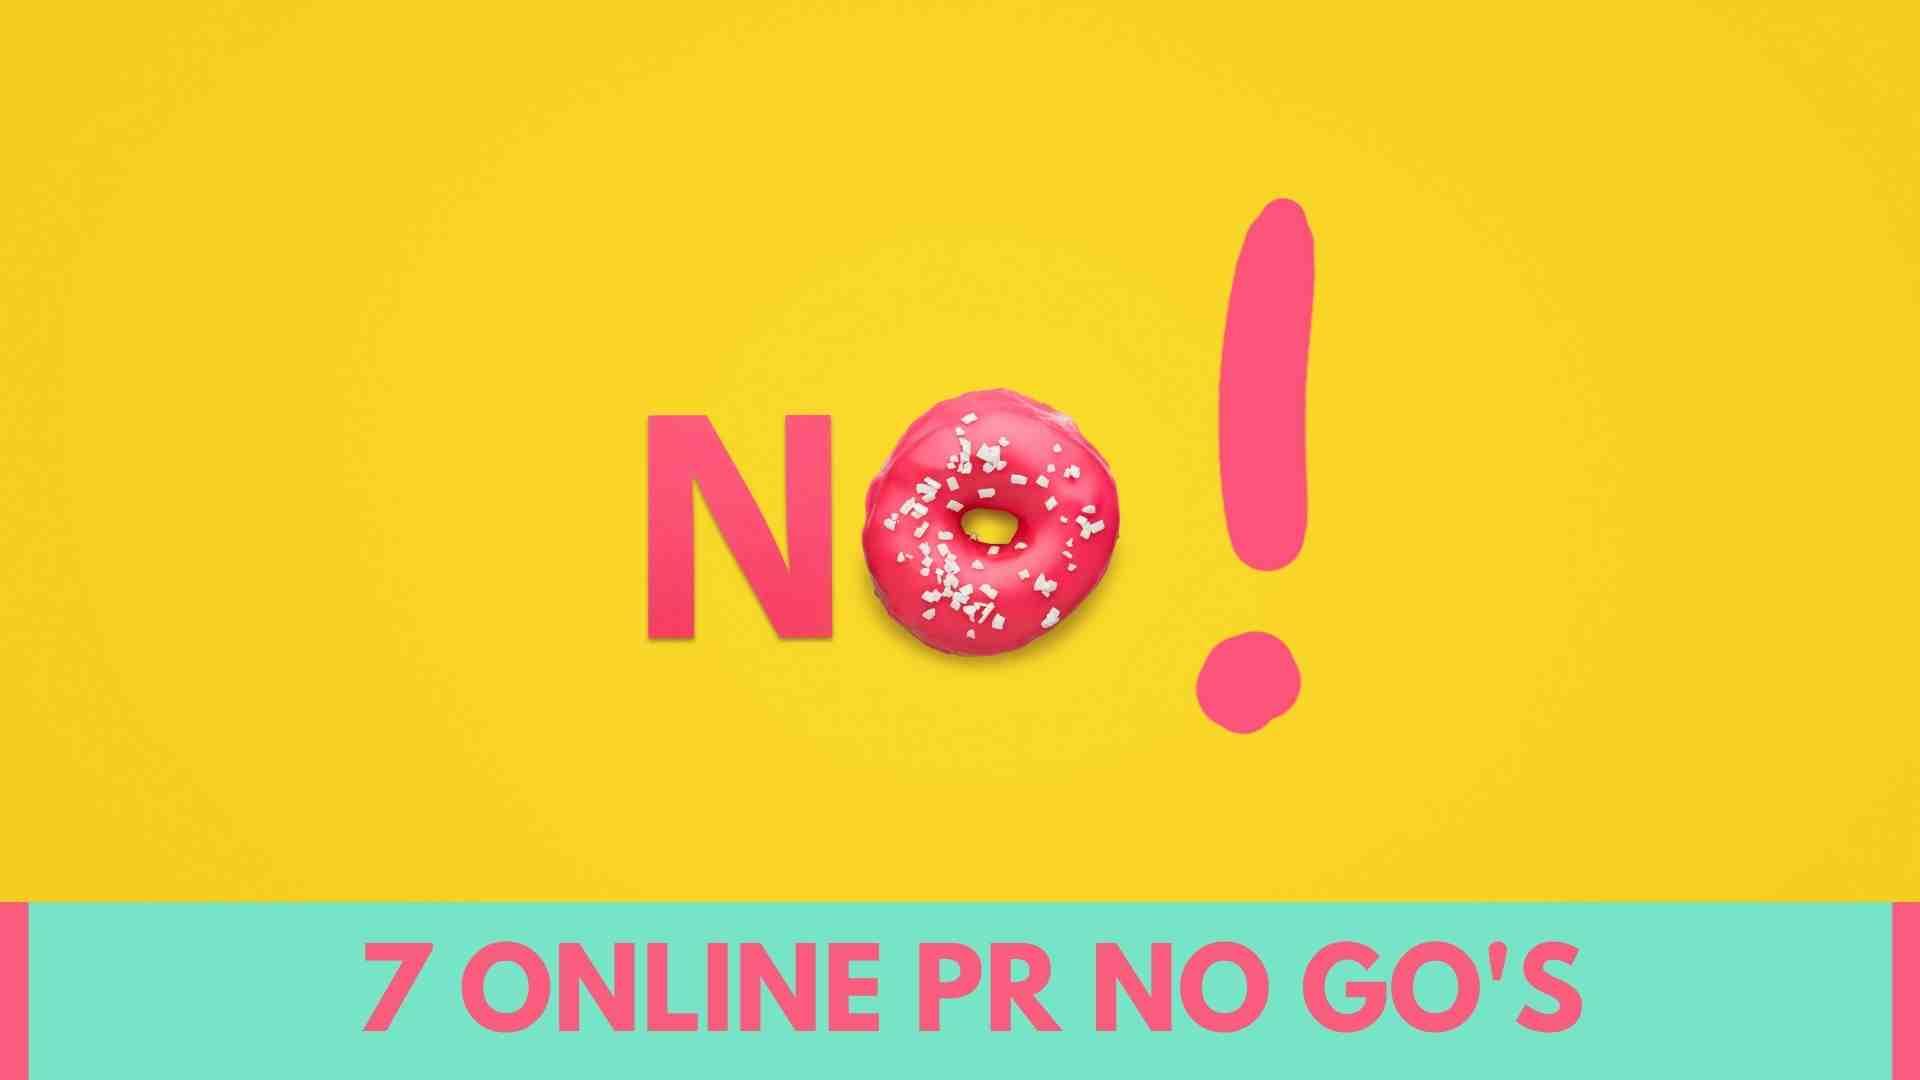 7 online PR no-go's